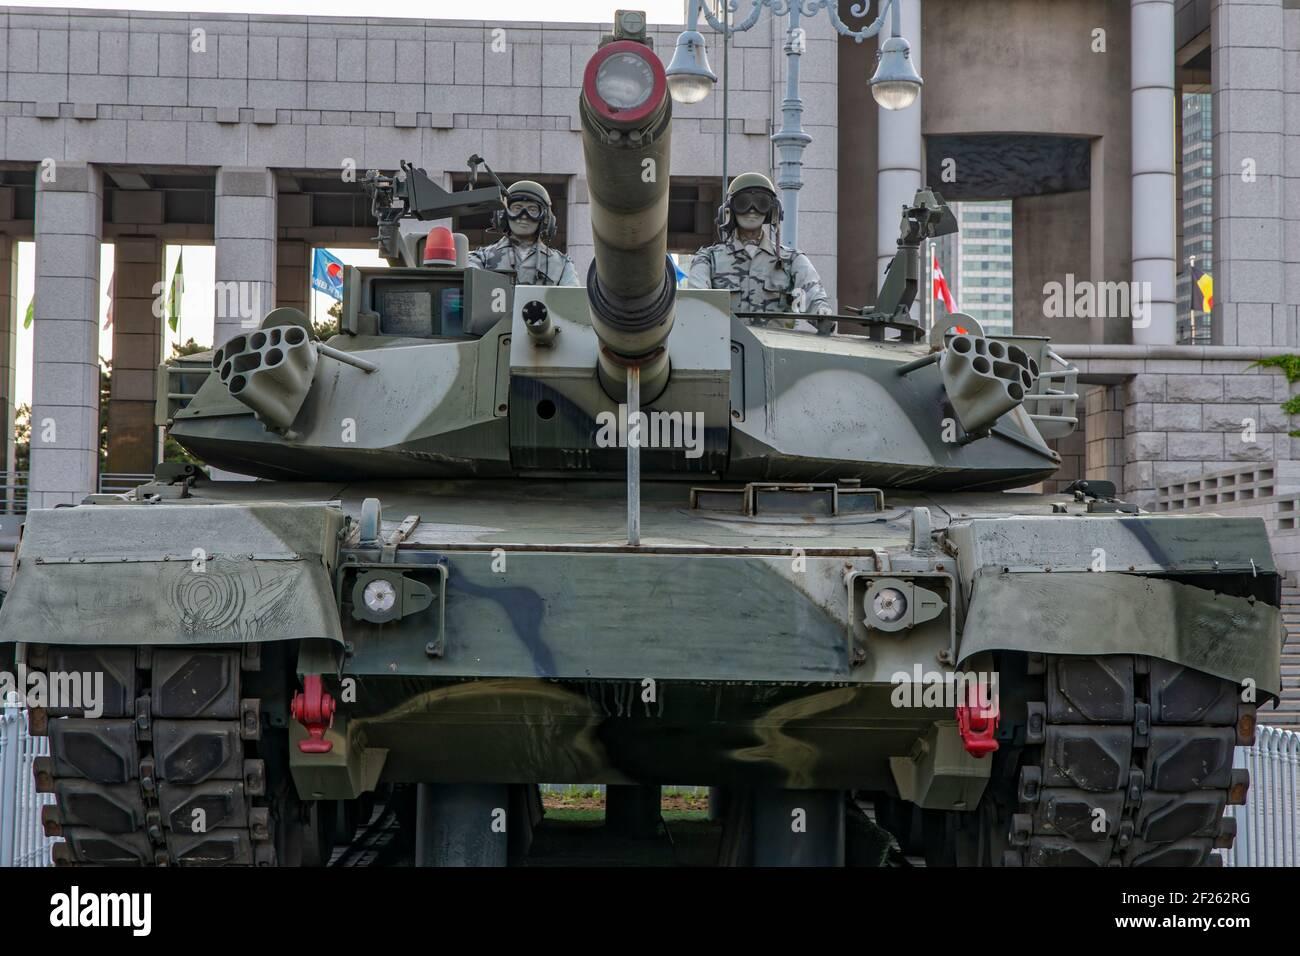 Séoul, Corée du Sud. 27 mai 2017. K-1 Tank au musée War Memorial of Korea. Banque D'Images